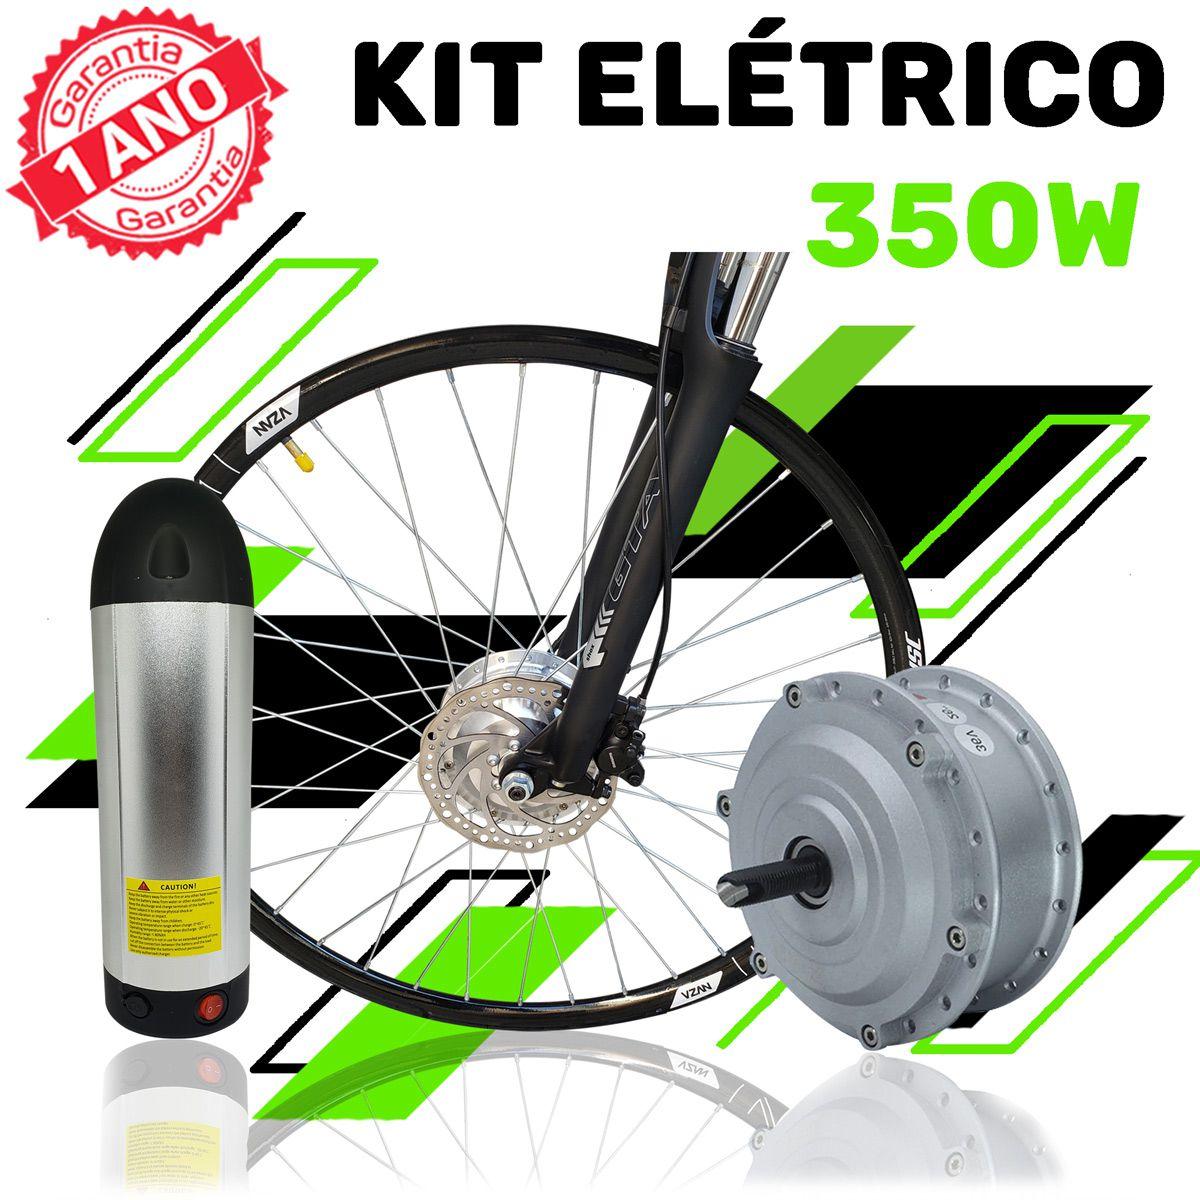 Kit Elétrico 350 W Bicicleta - Bateria Litio Para Freio V Brake (Aro 26)